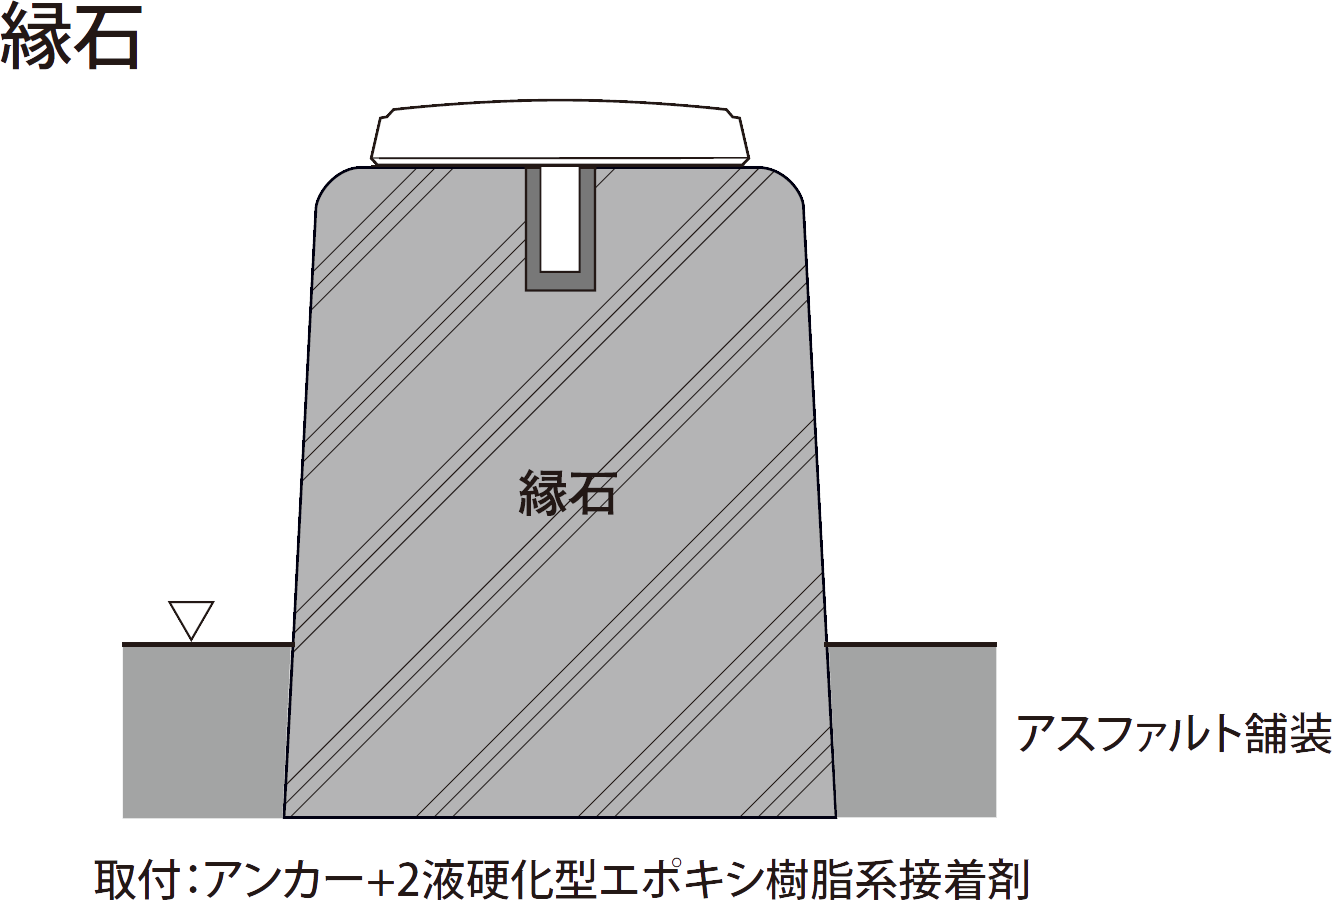 縁石の場合の取付図